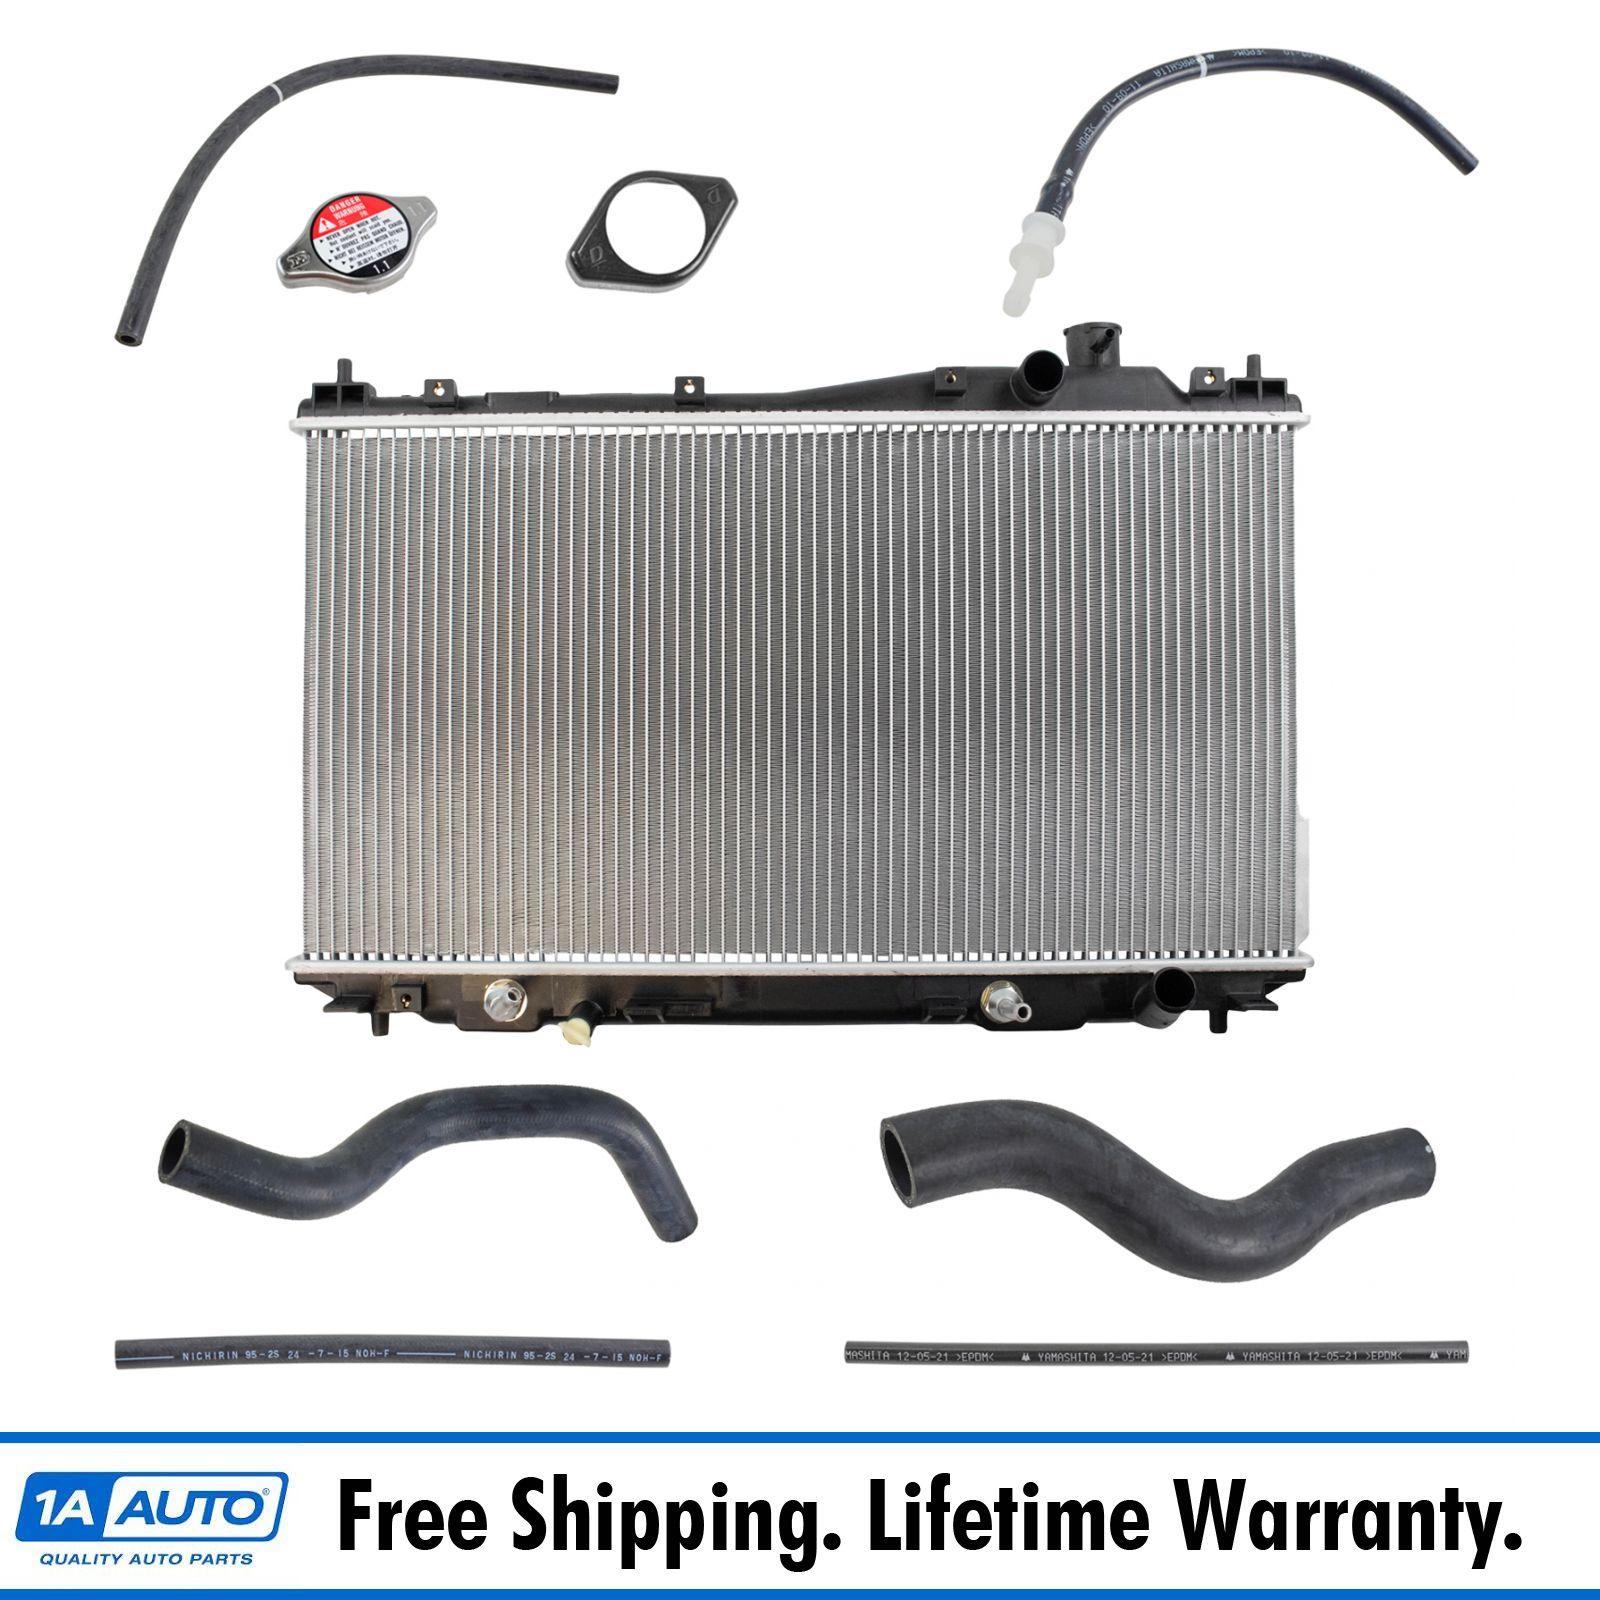 Radiator Assembly Upper Lower Hose Kit Set for 01-05 Honda Civic 1.7L New